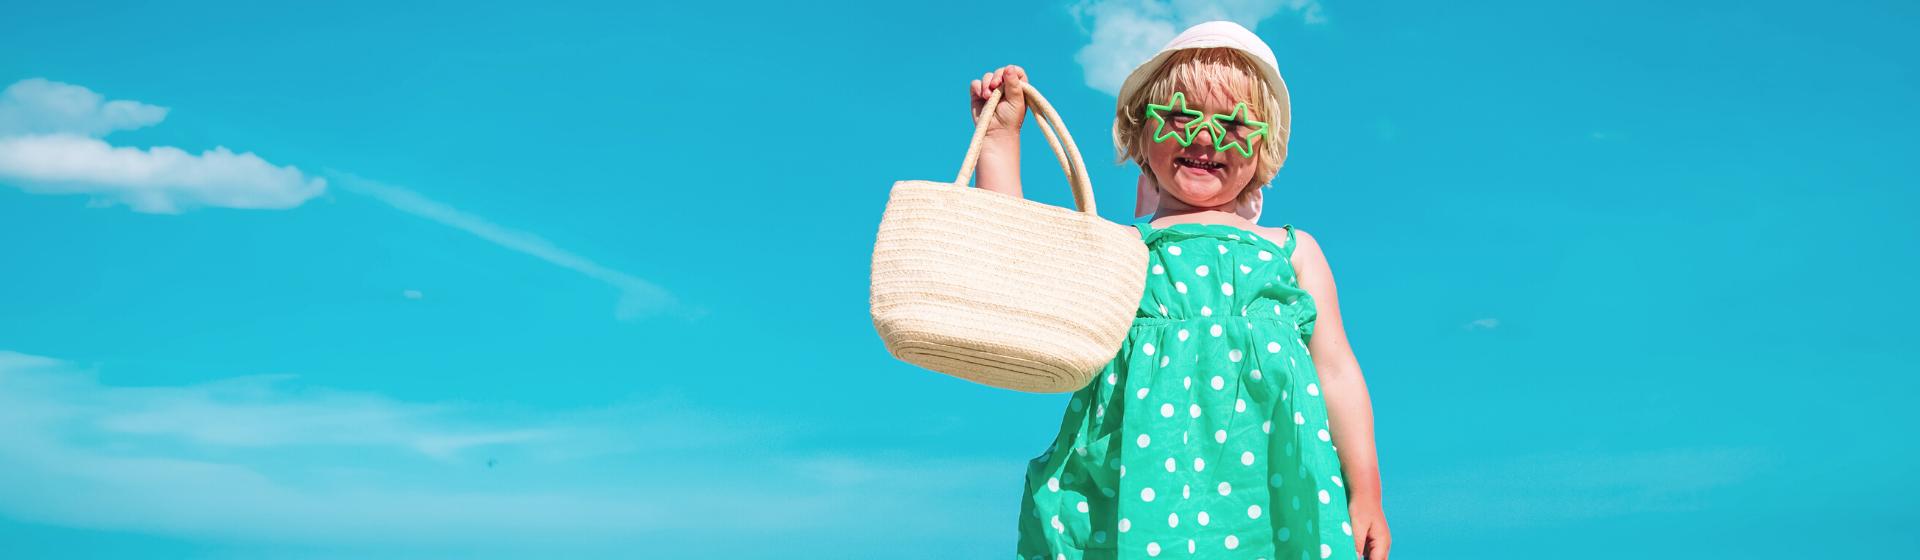 Bolsa de praia para bebê: o que levar para a praia com o bebê?